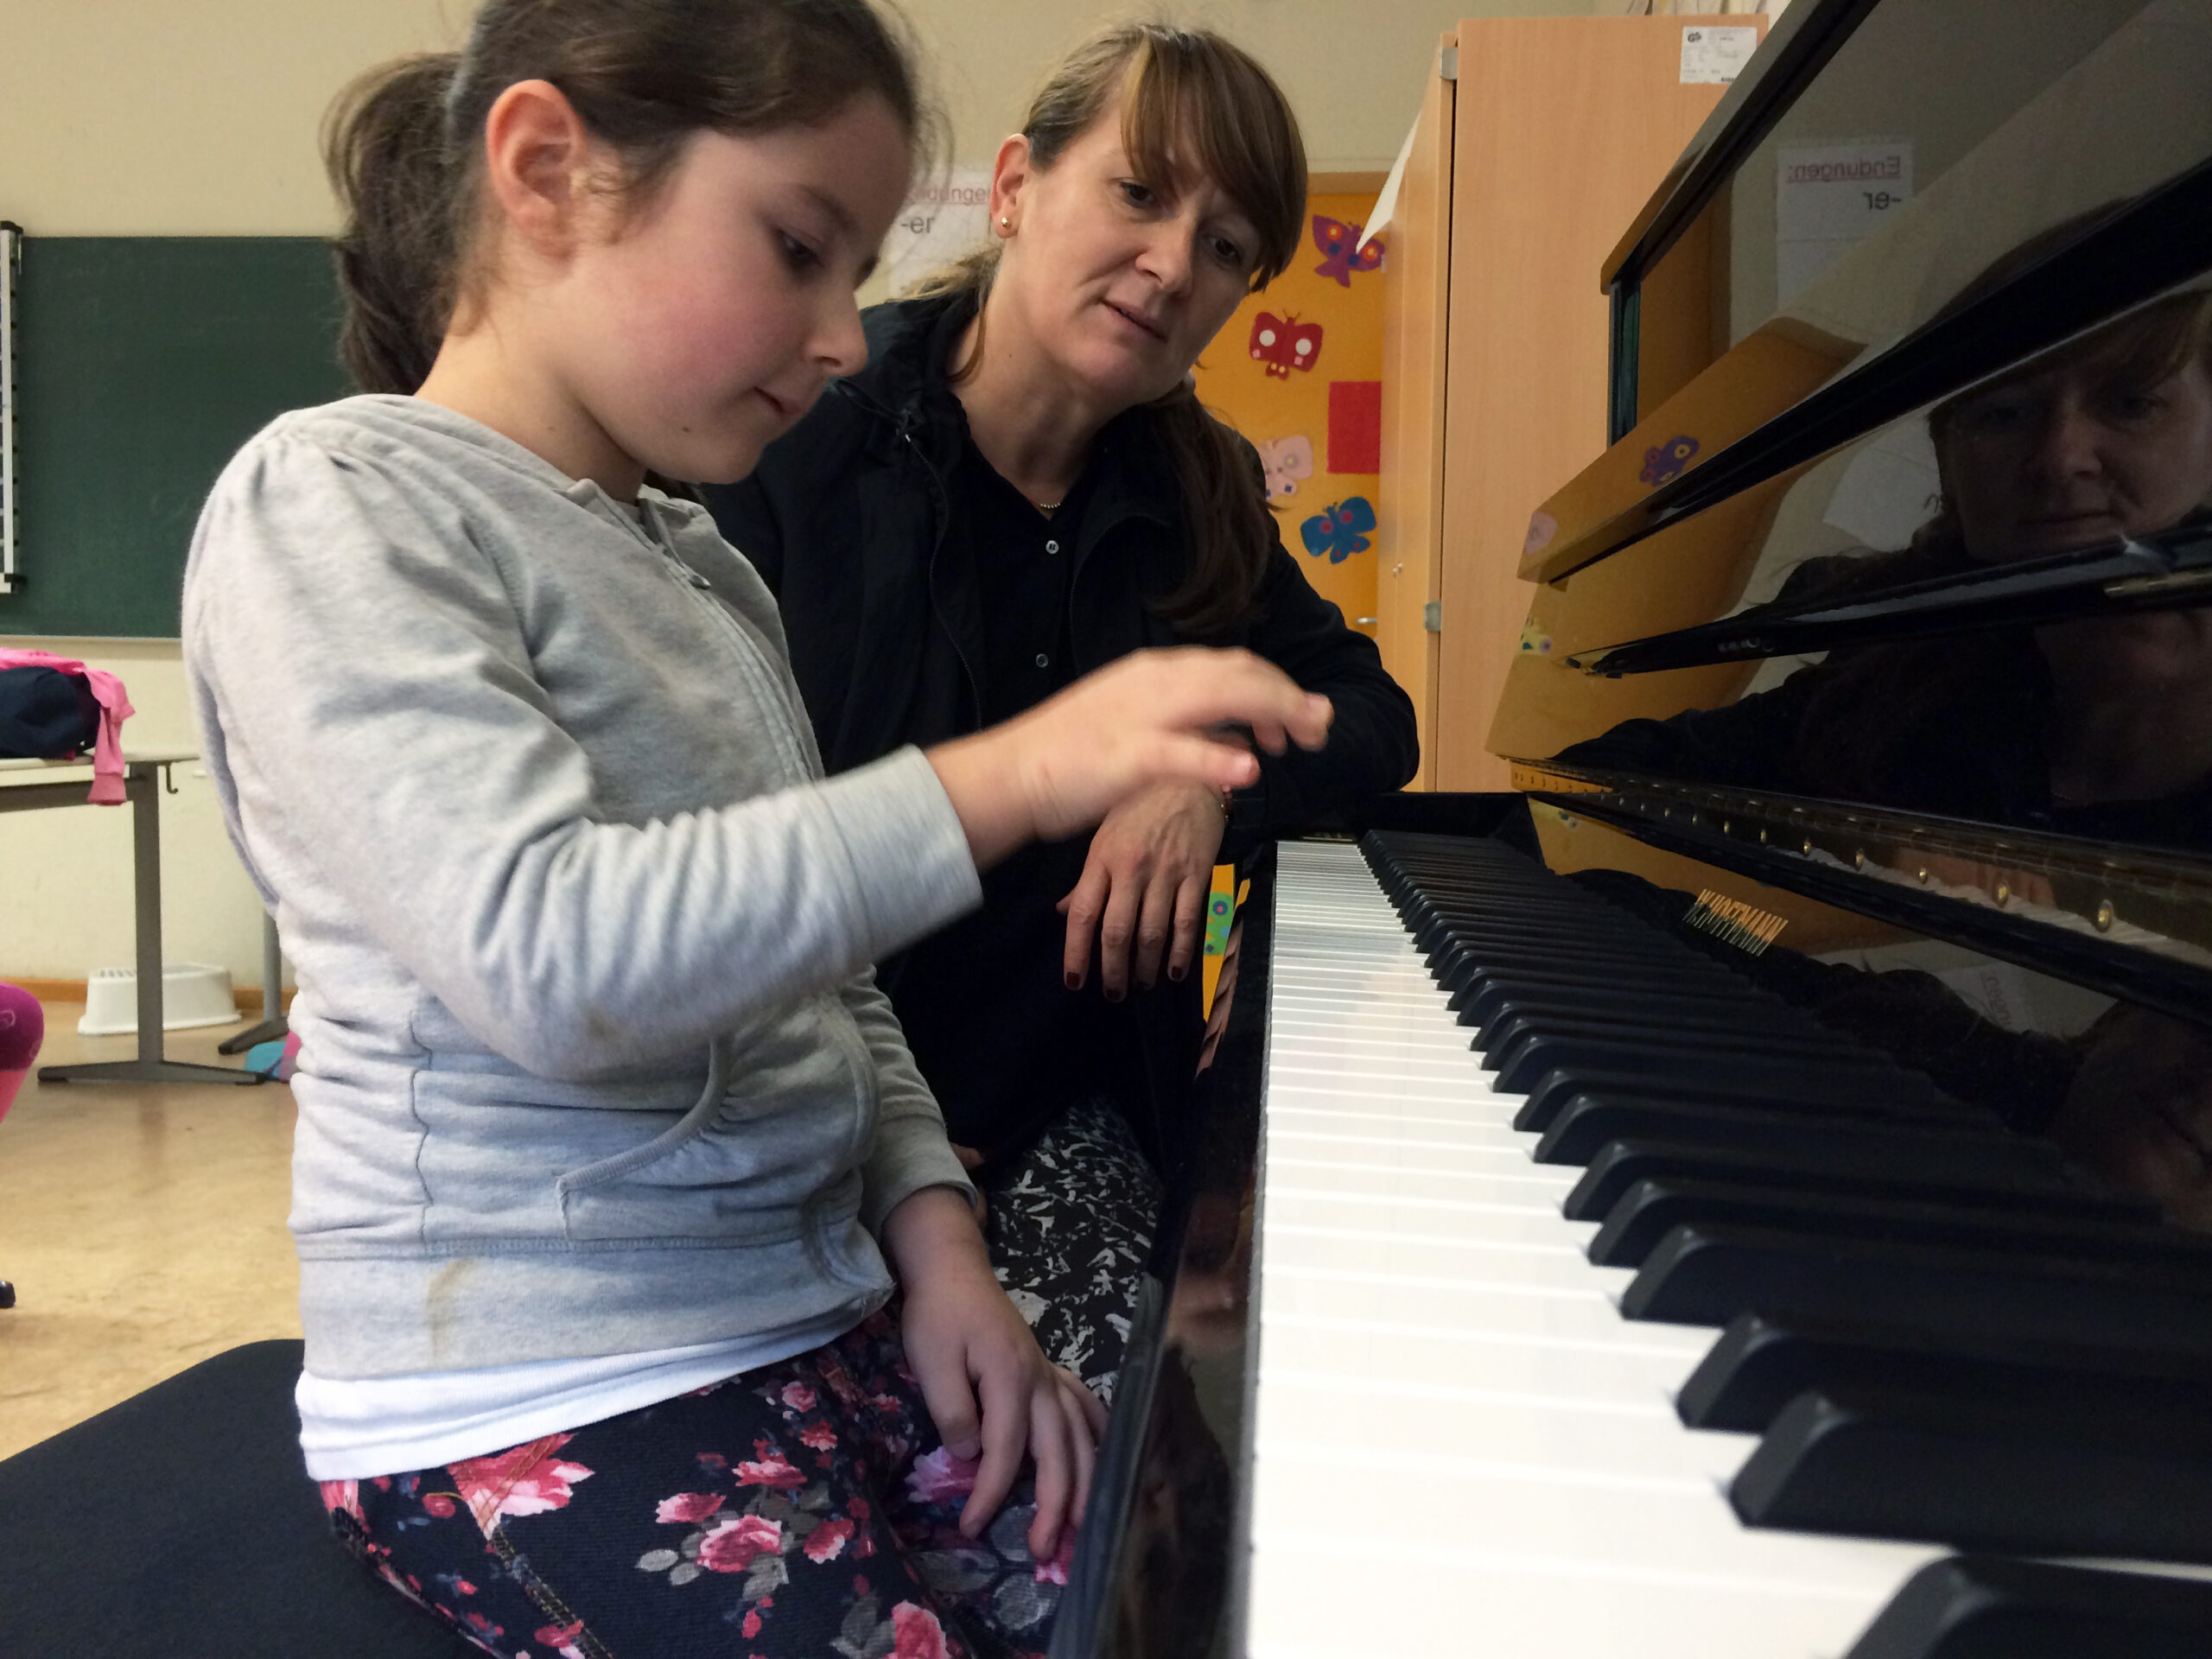 """Soll möglichst vielen Kindern den Zugang zur Klaviermusik ermöglichen: Das Projekt """"Klaviere für Grundschulen"""" der Carl Bechstein Stiftung © Archiv Carl Bechstein Stiftung"""